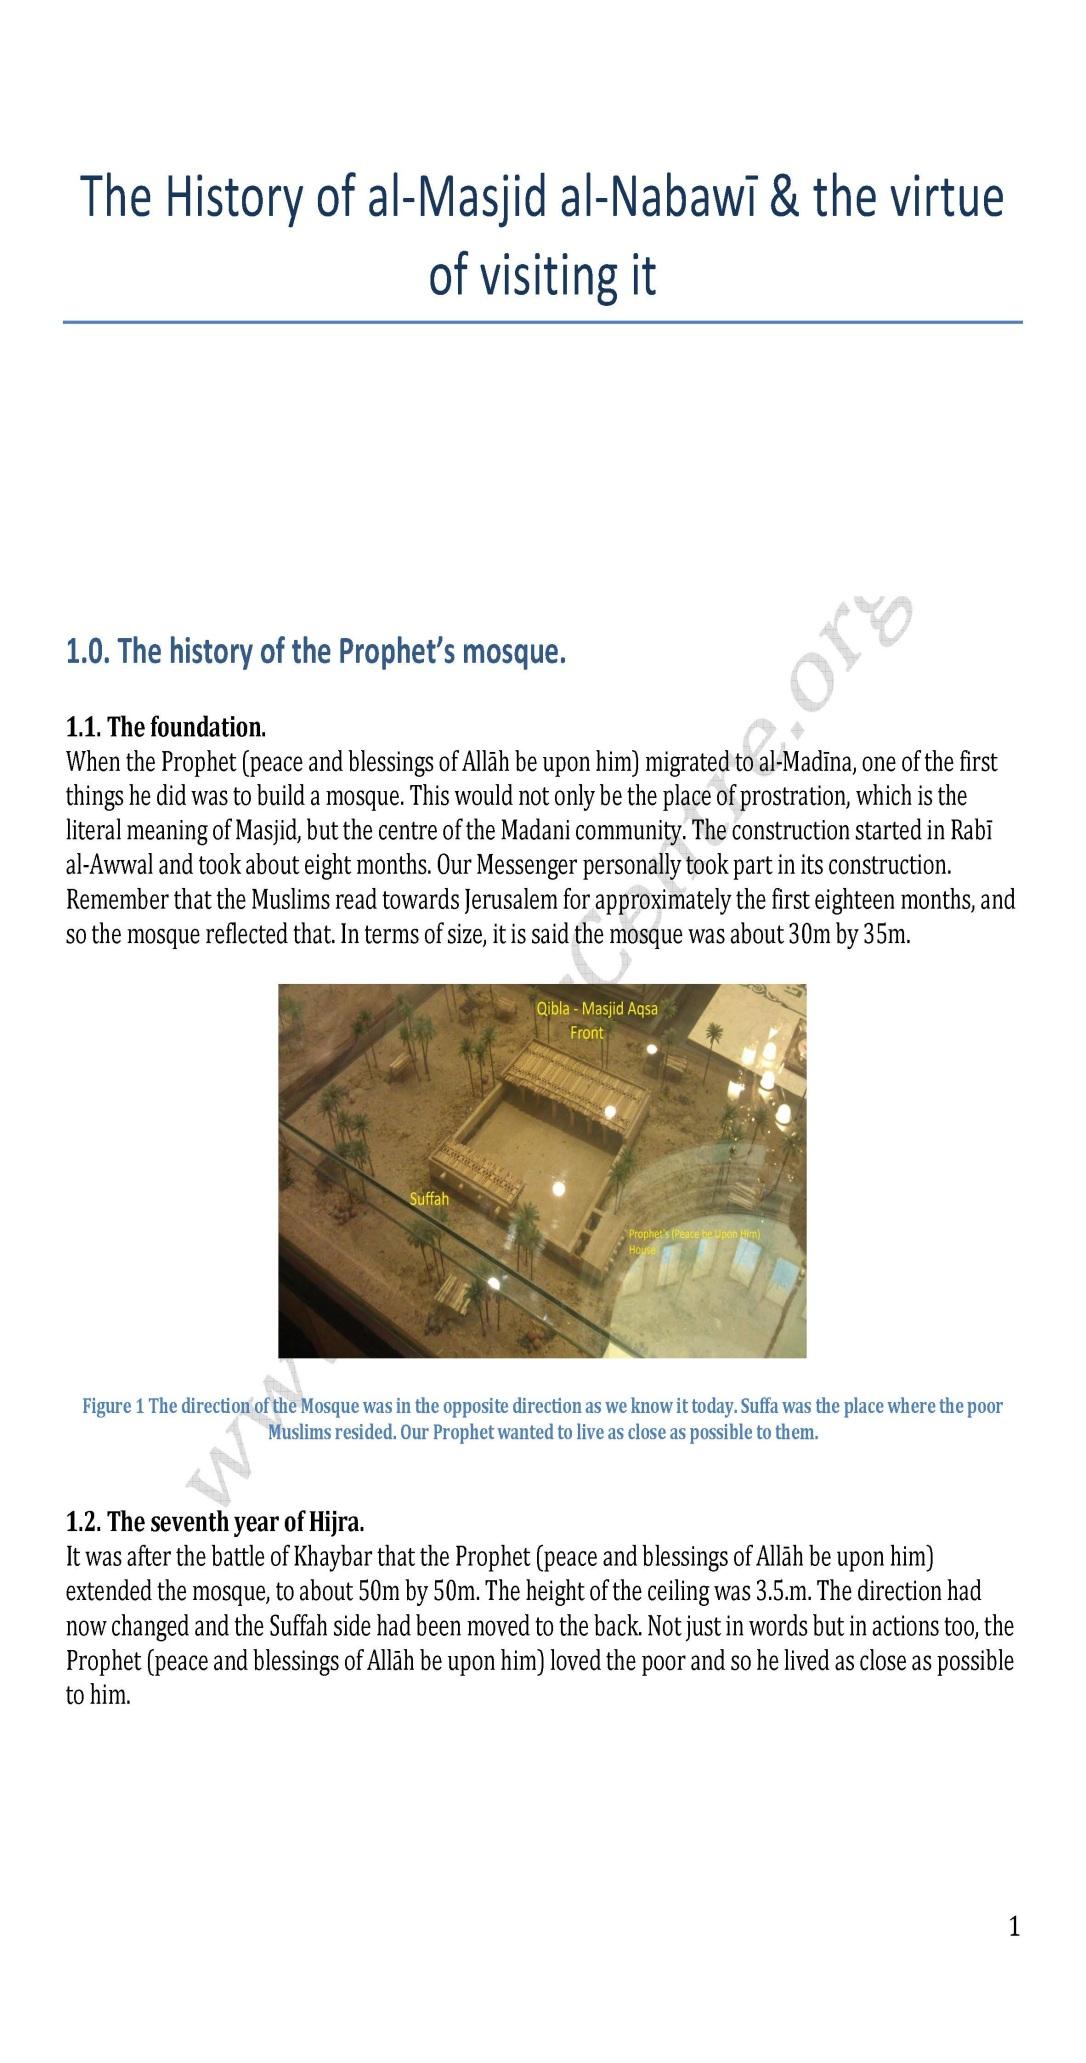 HistoryofMasjidNabawi_Page_01